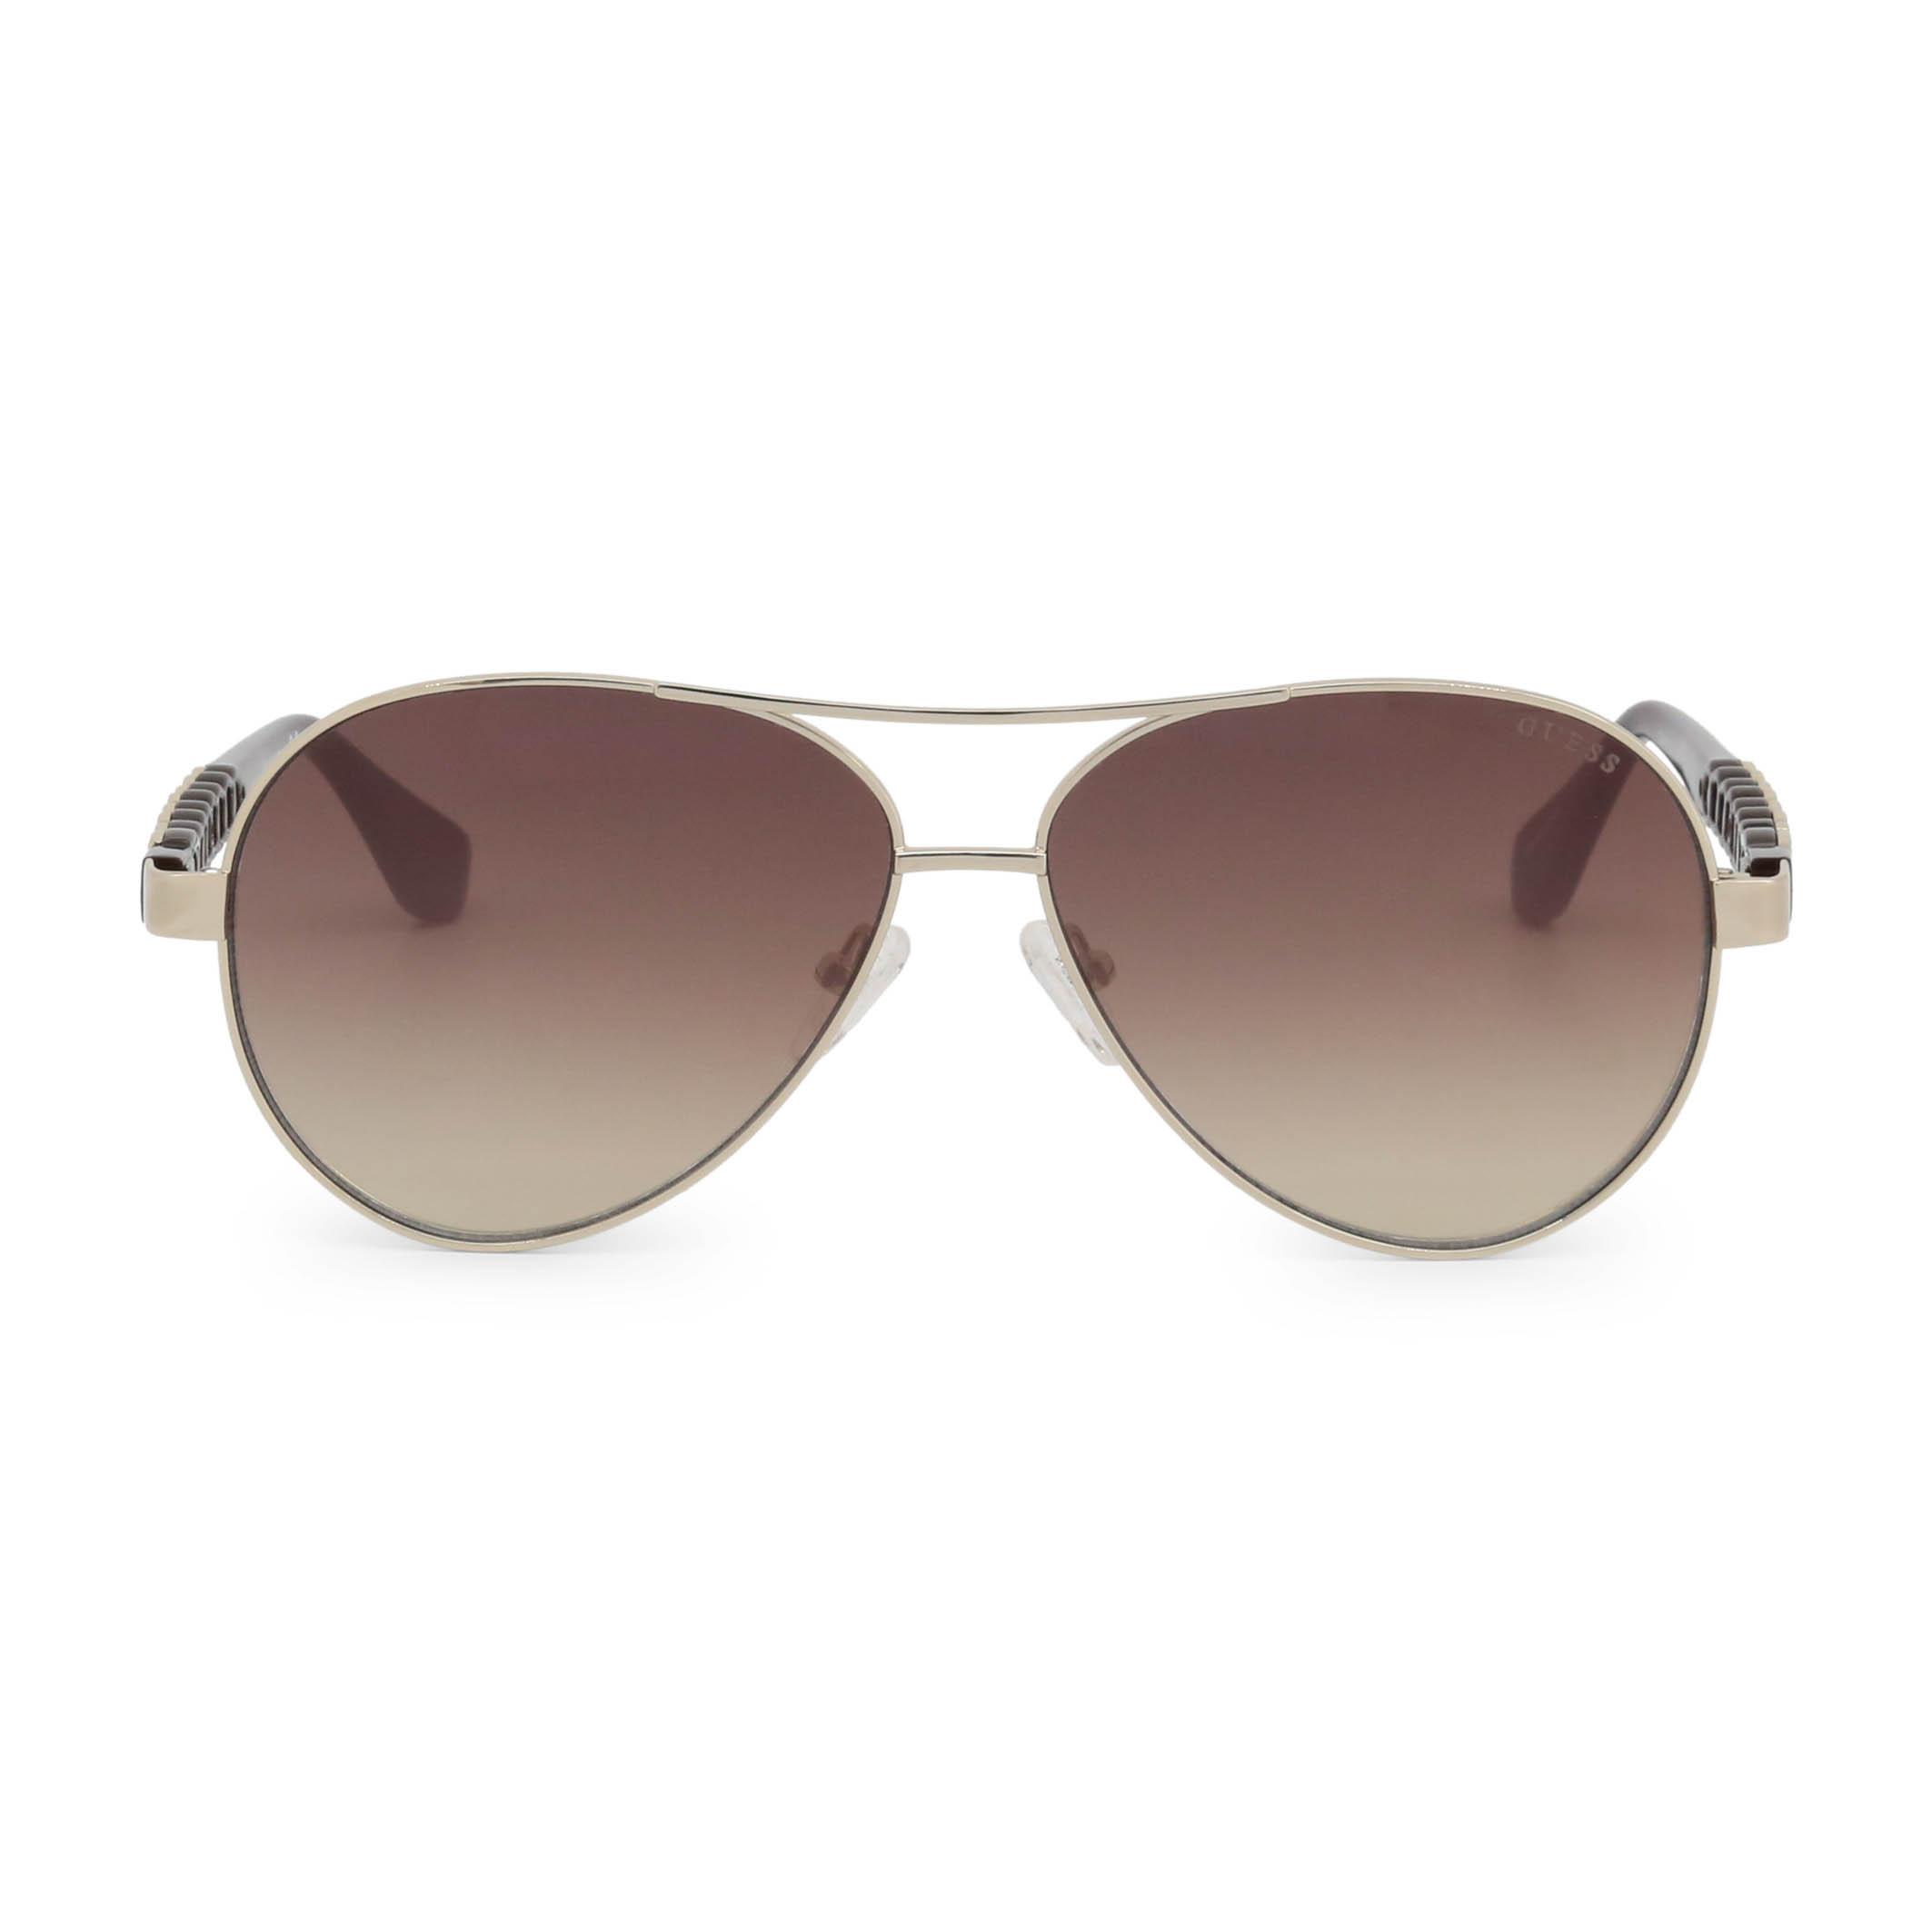 Guess-Unisex-Accessoires-moderne-Designer-Sonnenbrille-Sonnenbrillen-Gelb-Sungla Indexbild 2